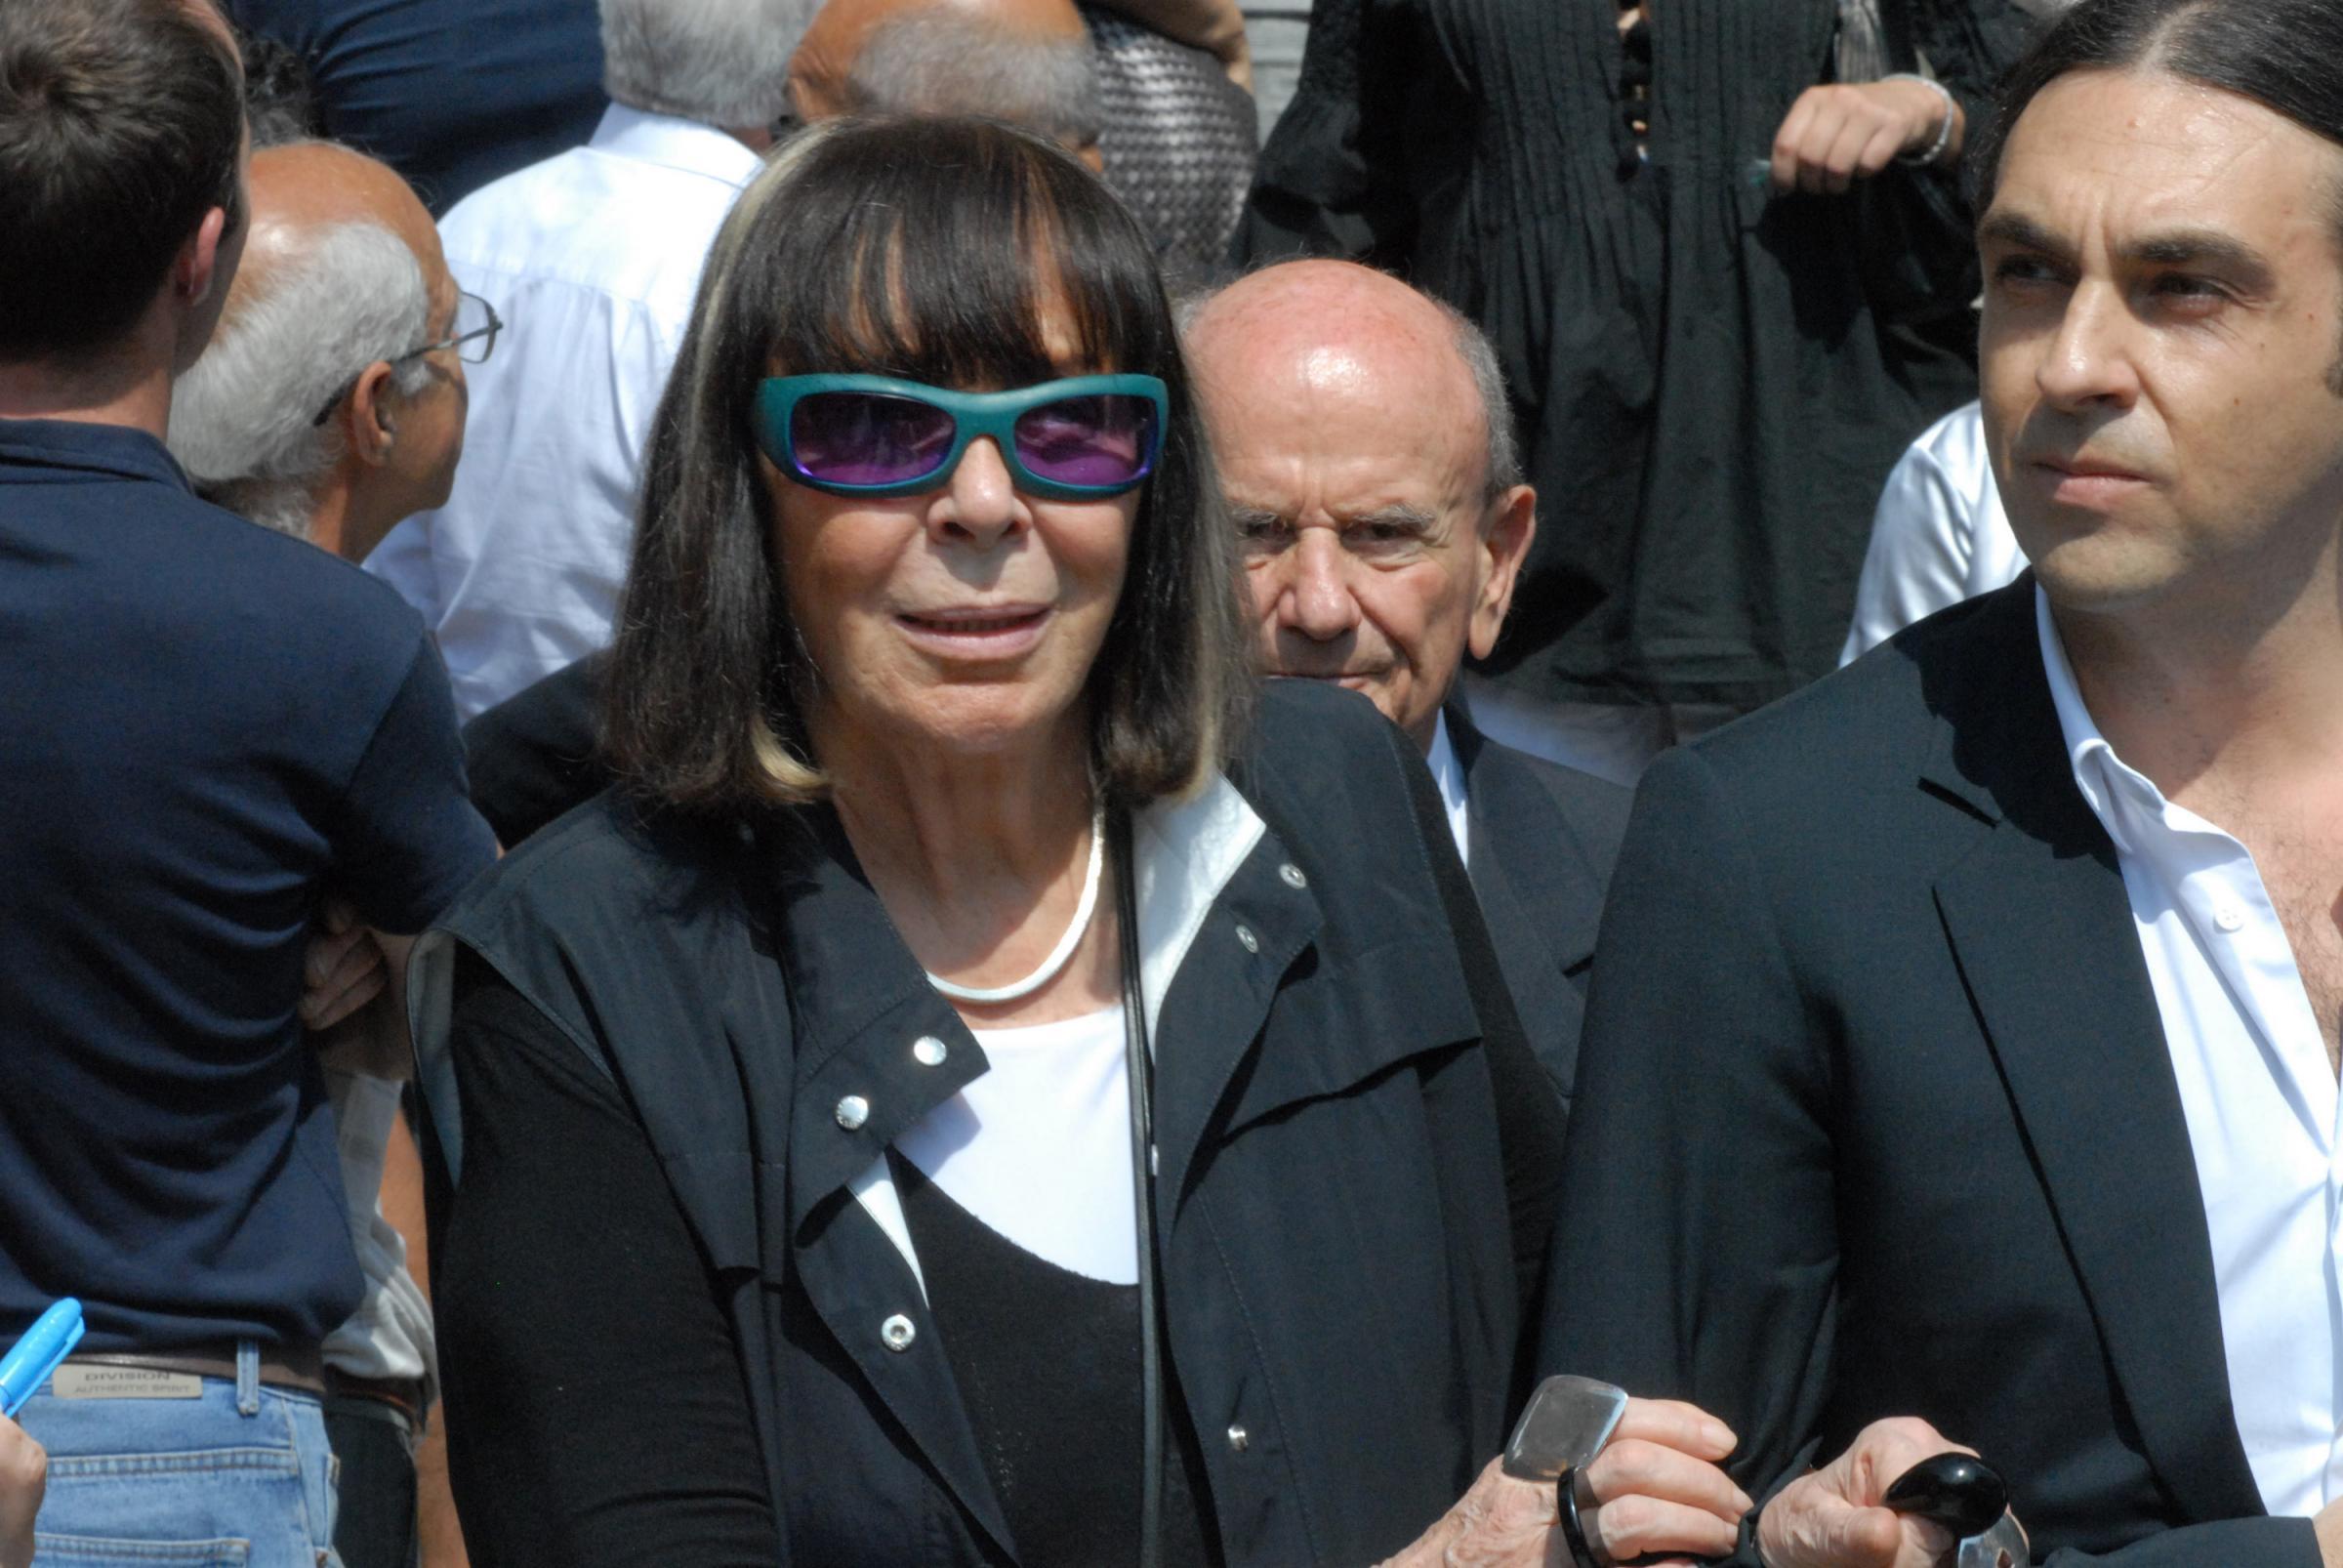 Addio a Krizia: morta la stilista Mariuccia Mandelli, aveva 90 anni